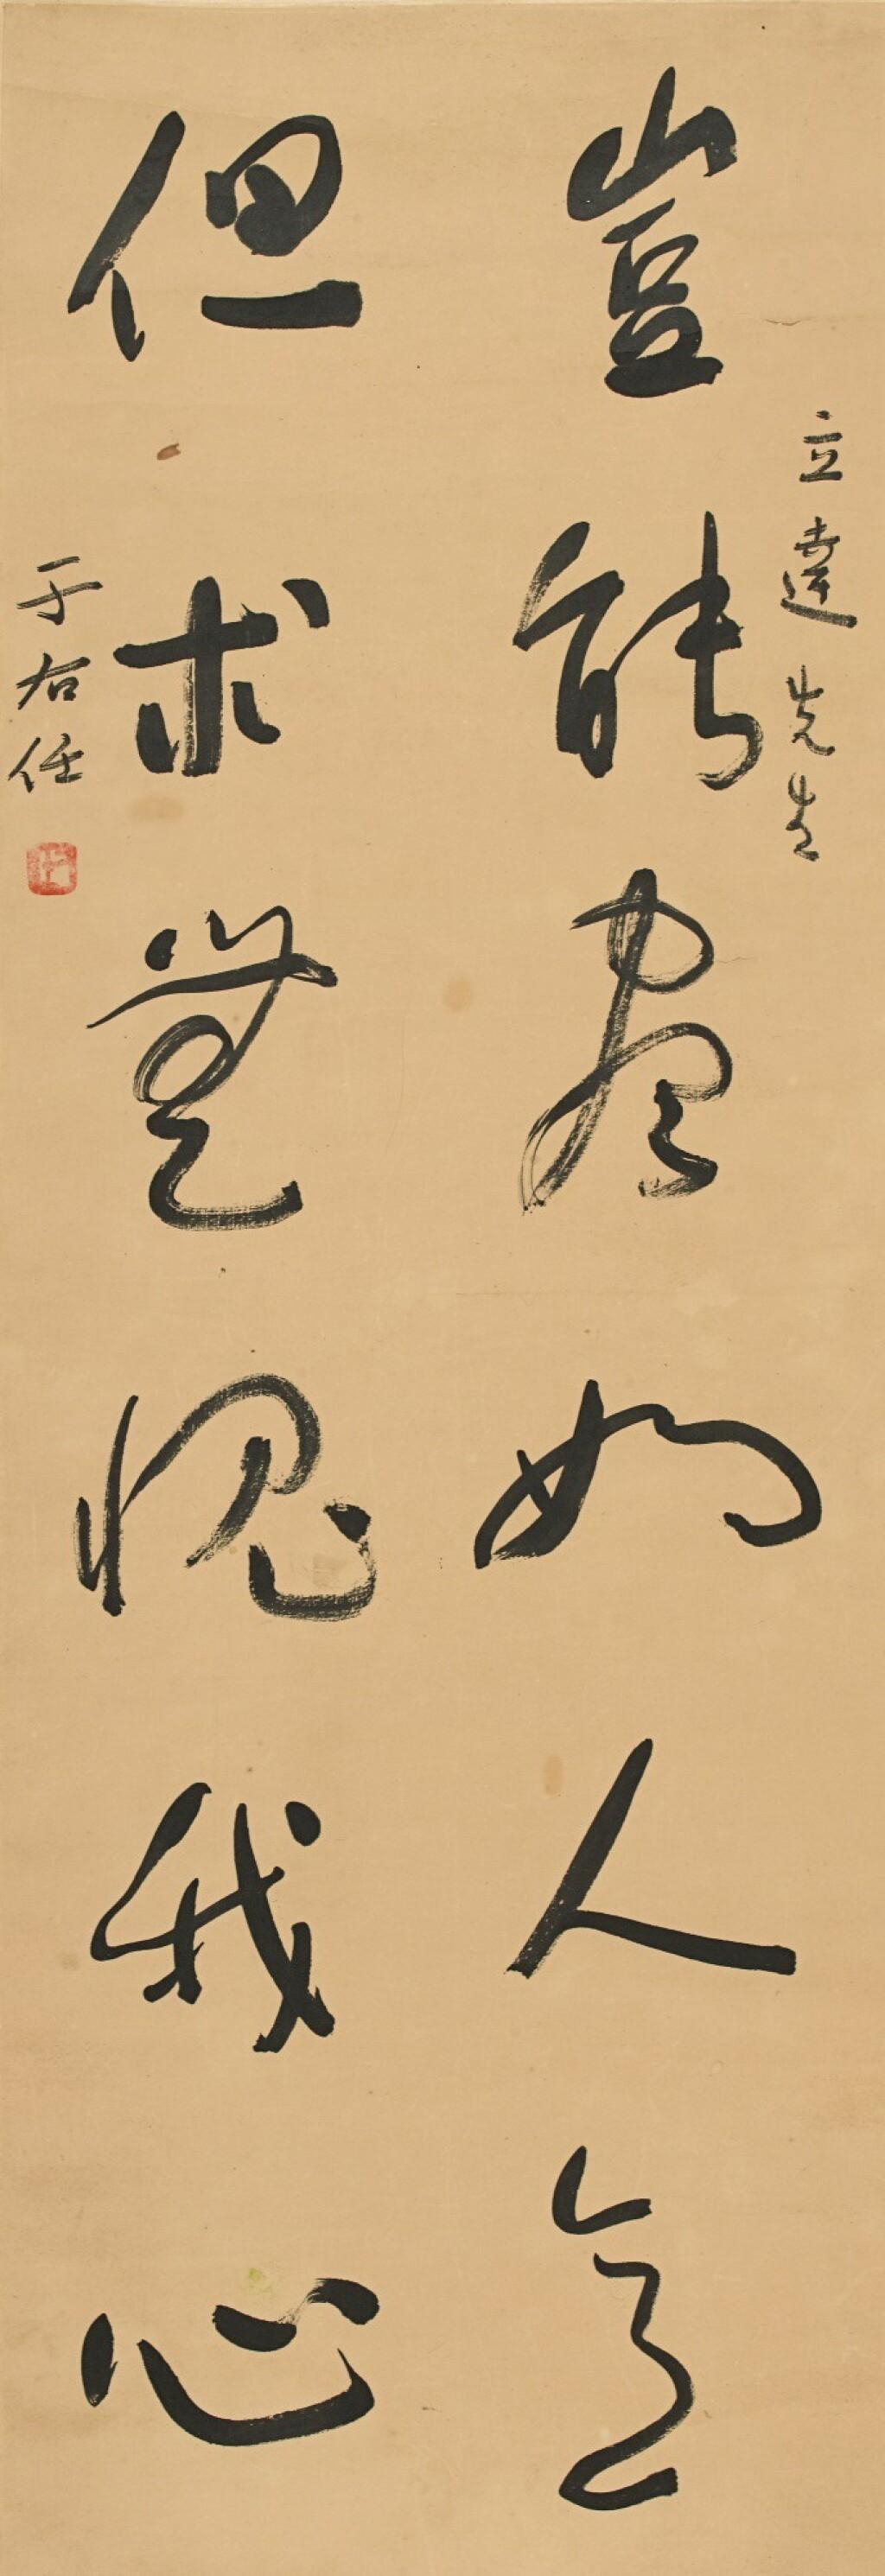 YOU YOUREN (1879-1964) CALLIGRAPHIE DE STYLE D'HERBE |于右任 草書座右銘 水墨紙本 立軸 | You Youren (1879-1964) Calligraphy in cursive script